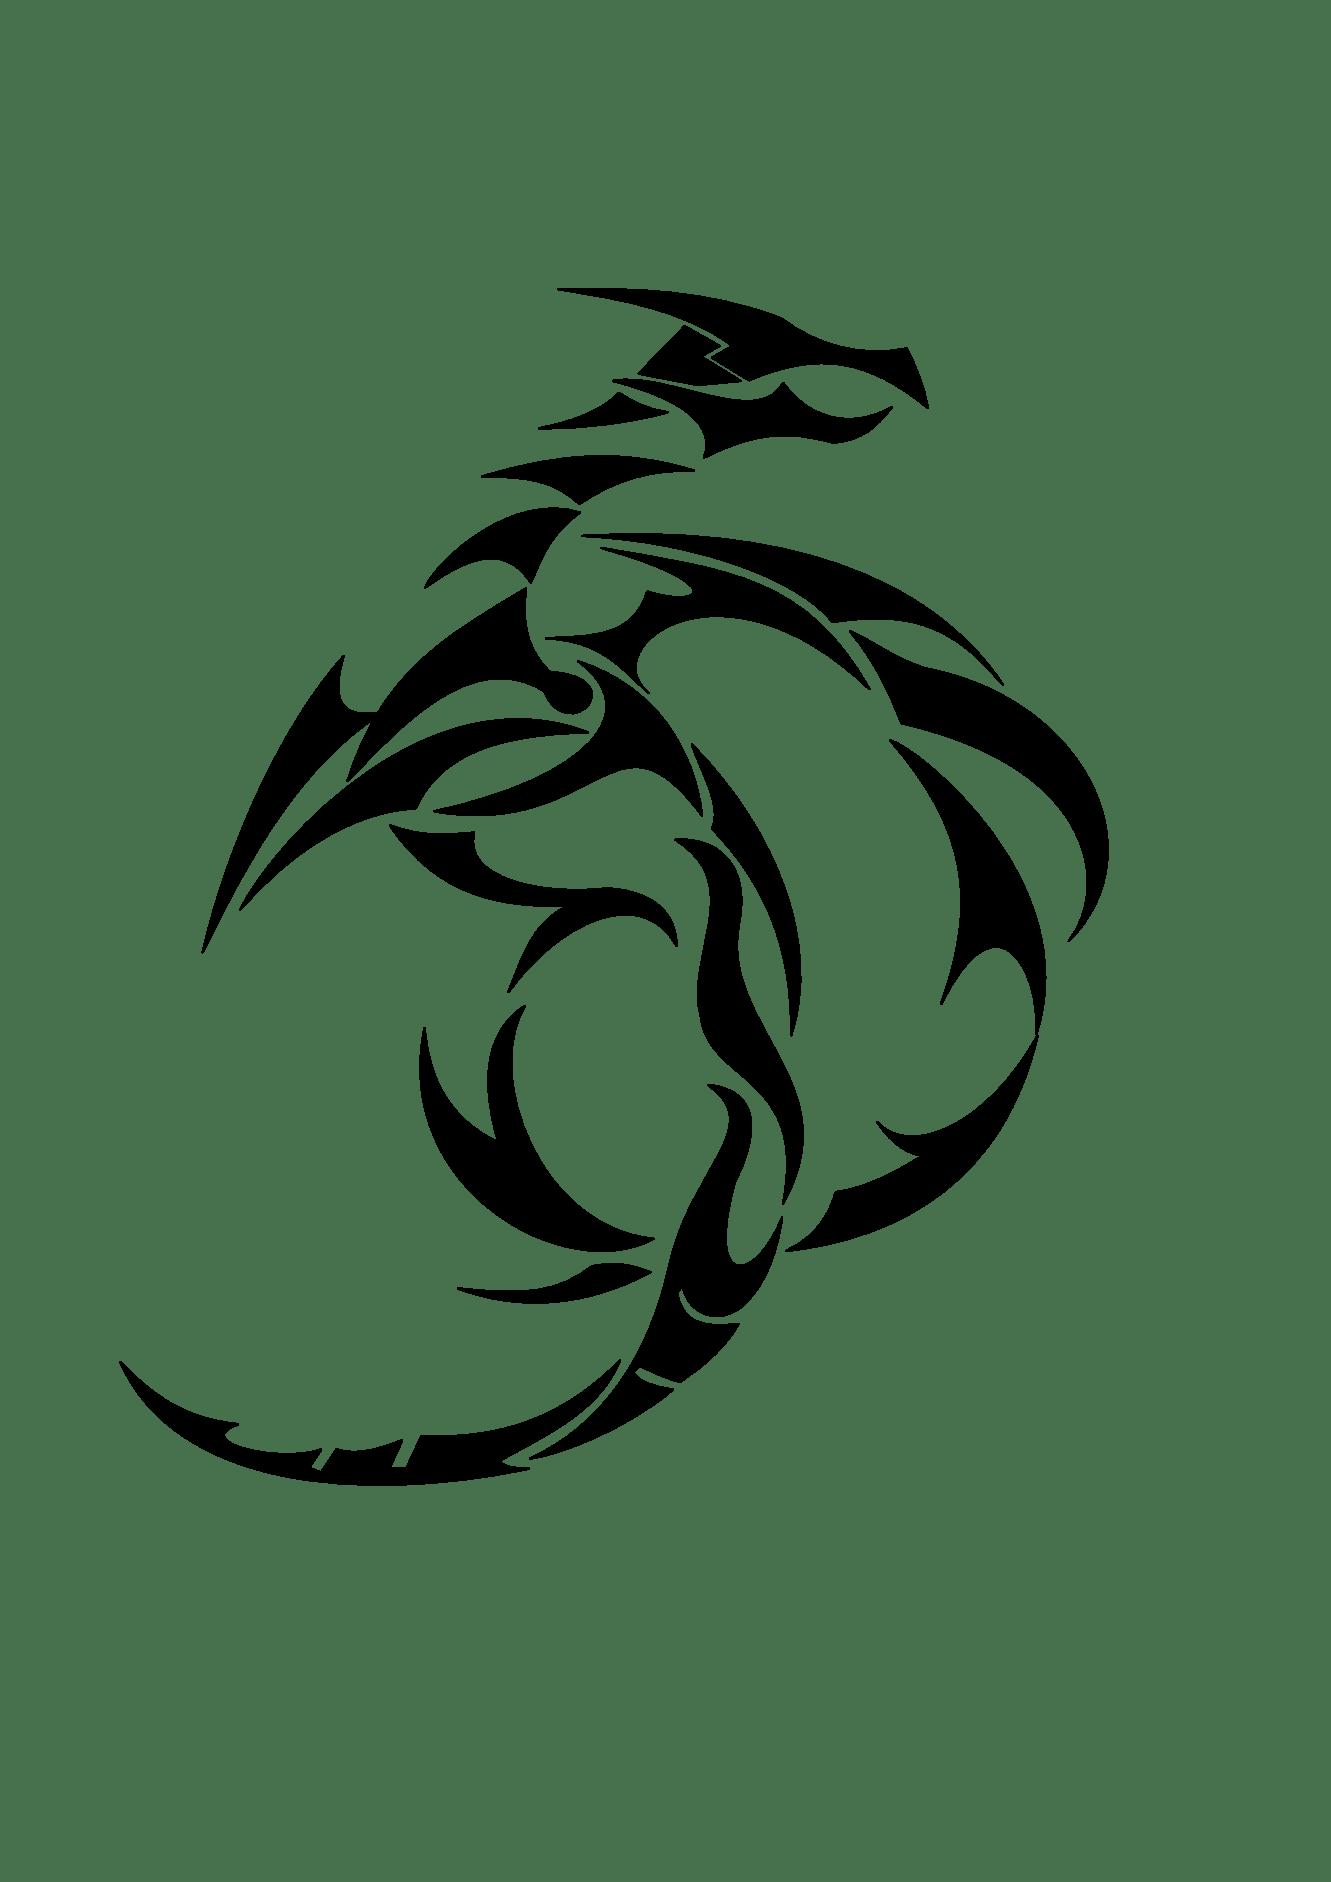 Clip Art Dragons